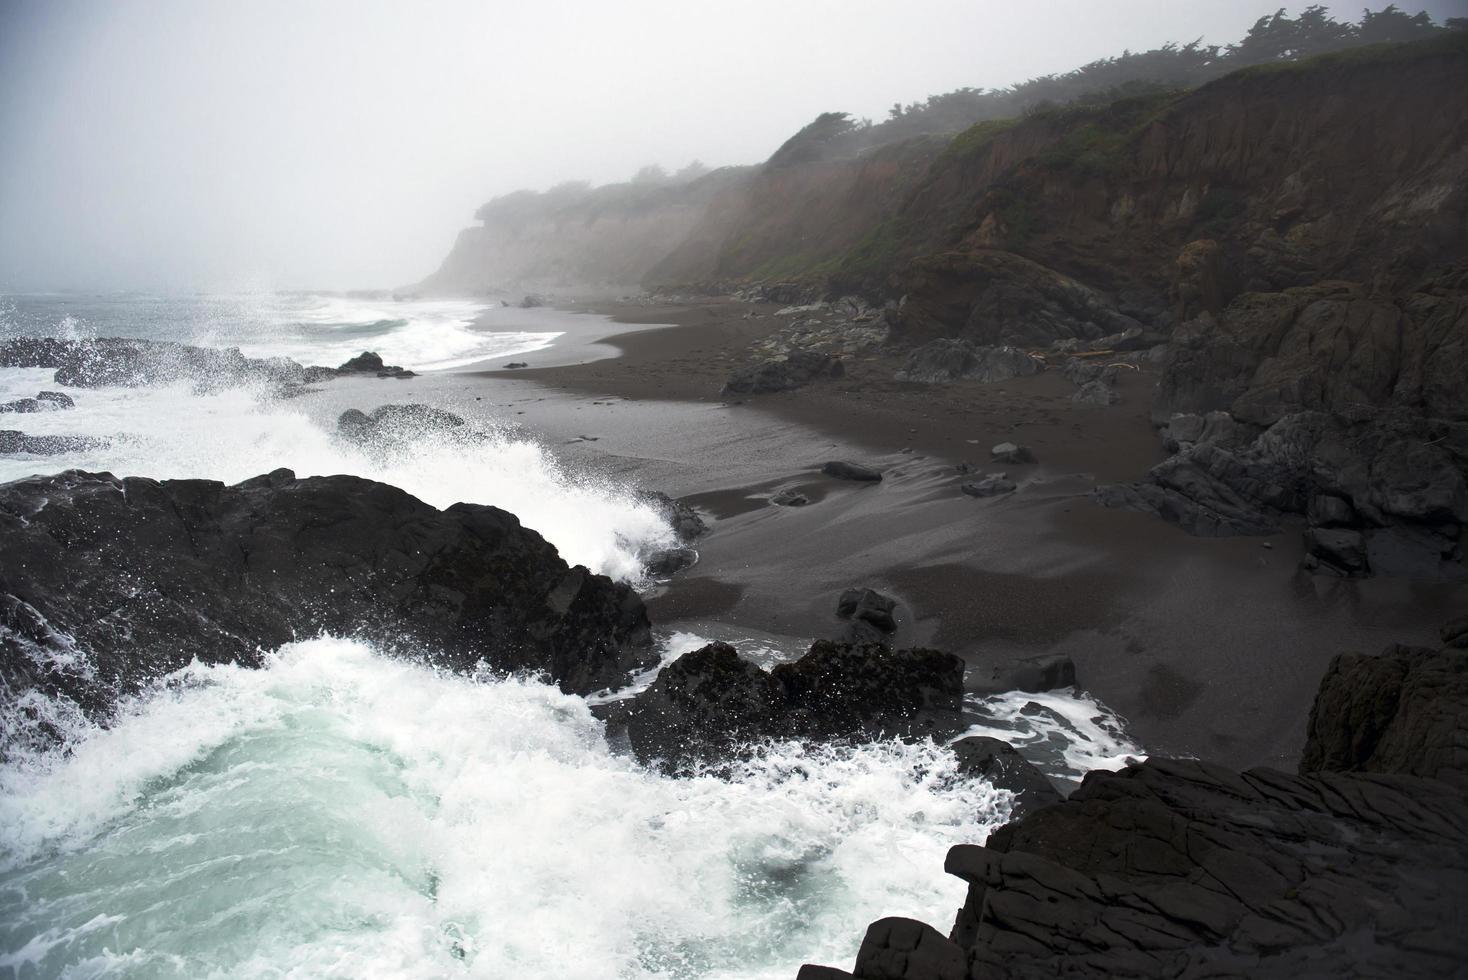 vågor som plaskar på stranden foto